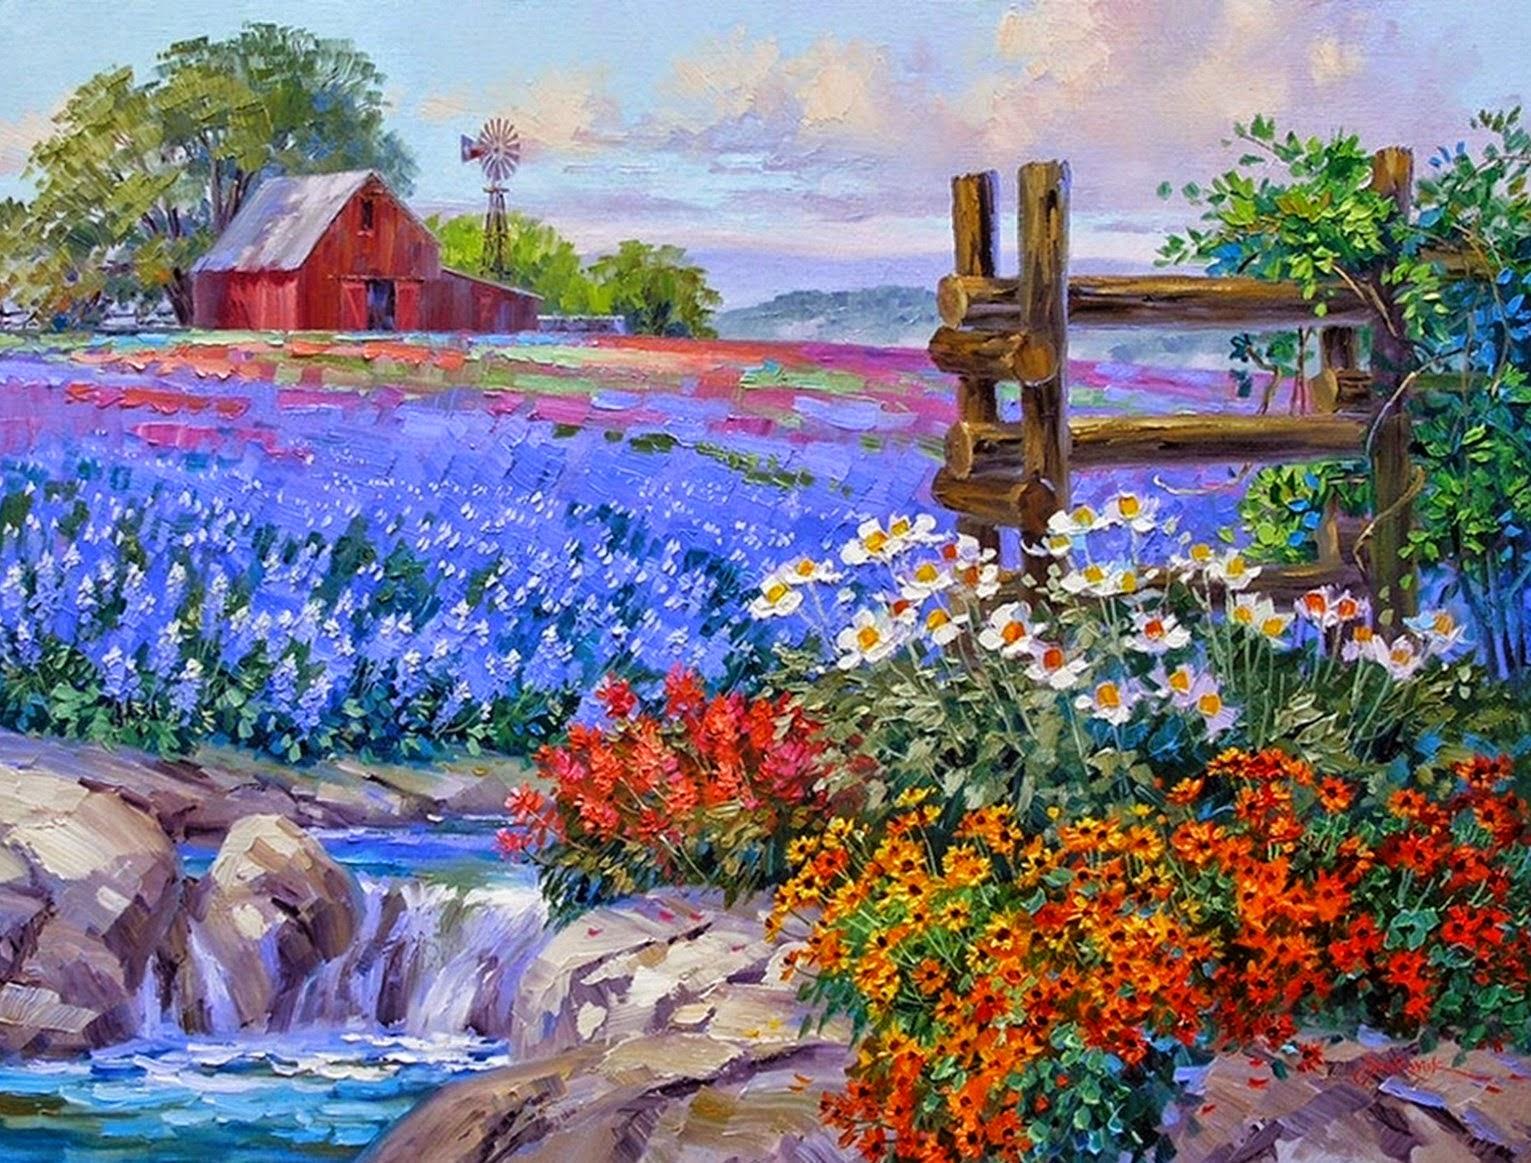 paisajes-floridos-pintados-con-espatula